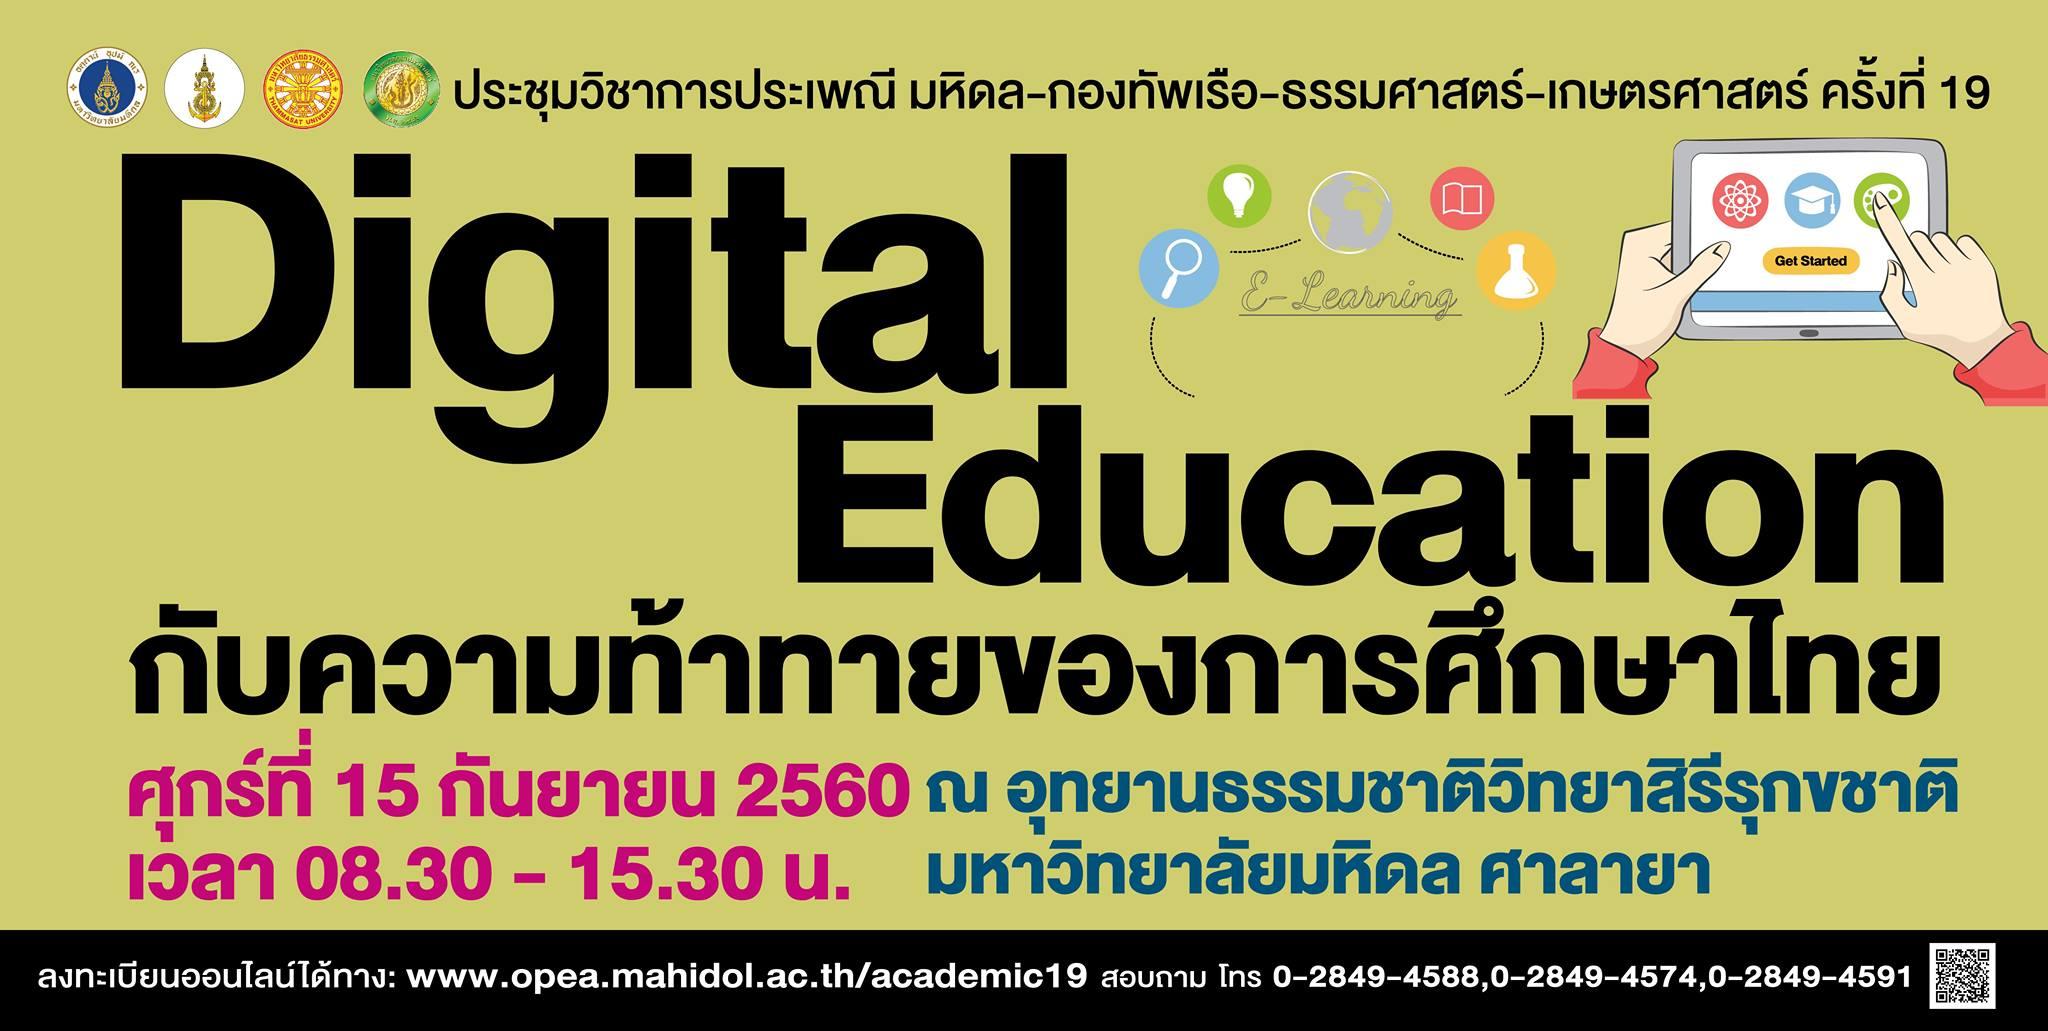 """การประชุมวิชาการประเพณี มหิดล-กองทัพเรือ-ธรรมศาสตร์-เกษตรศาสตร์ ครั้งที่ 19 """"Digital Education กับความท้าทายของการศึกษาไทย"""" @ อุทยานธรรมชาติวิทยาสิรีรุกขชาติ"""